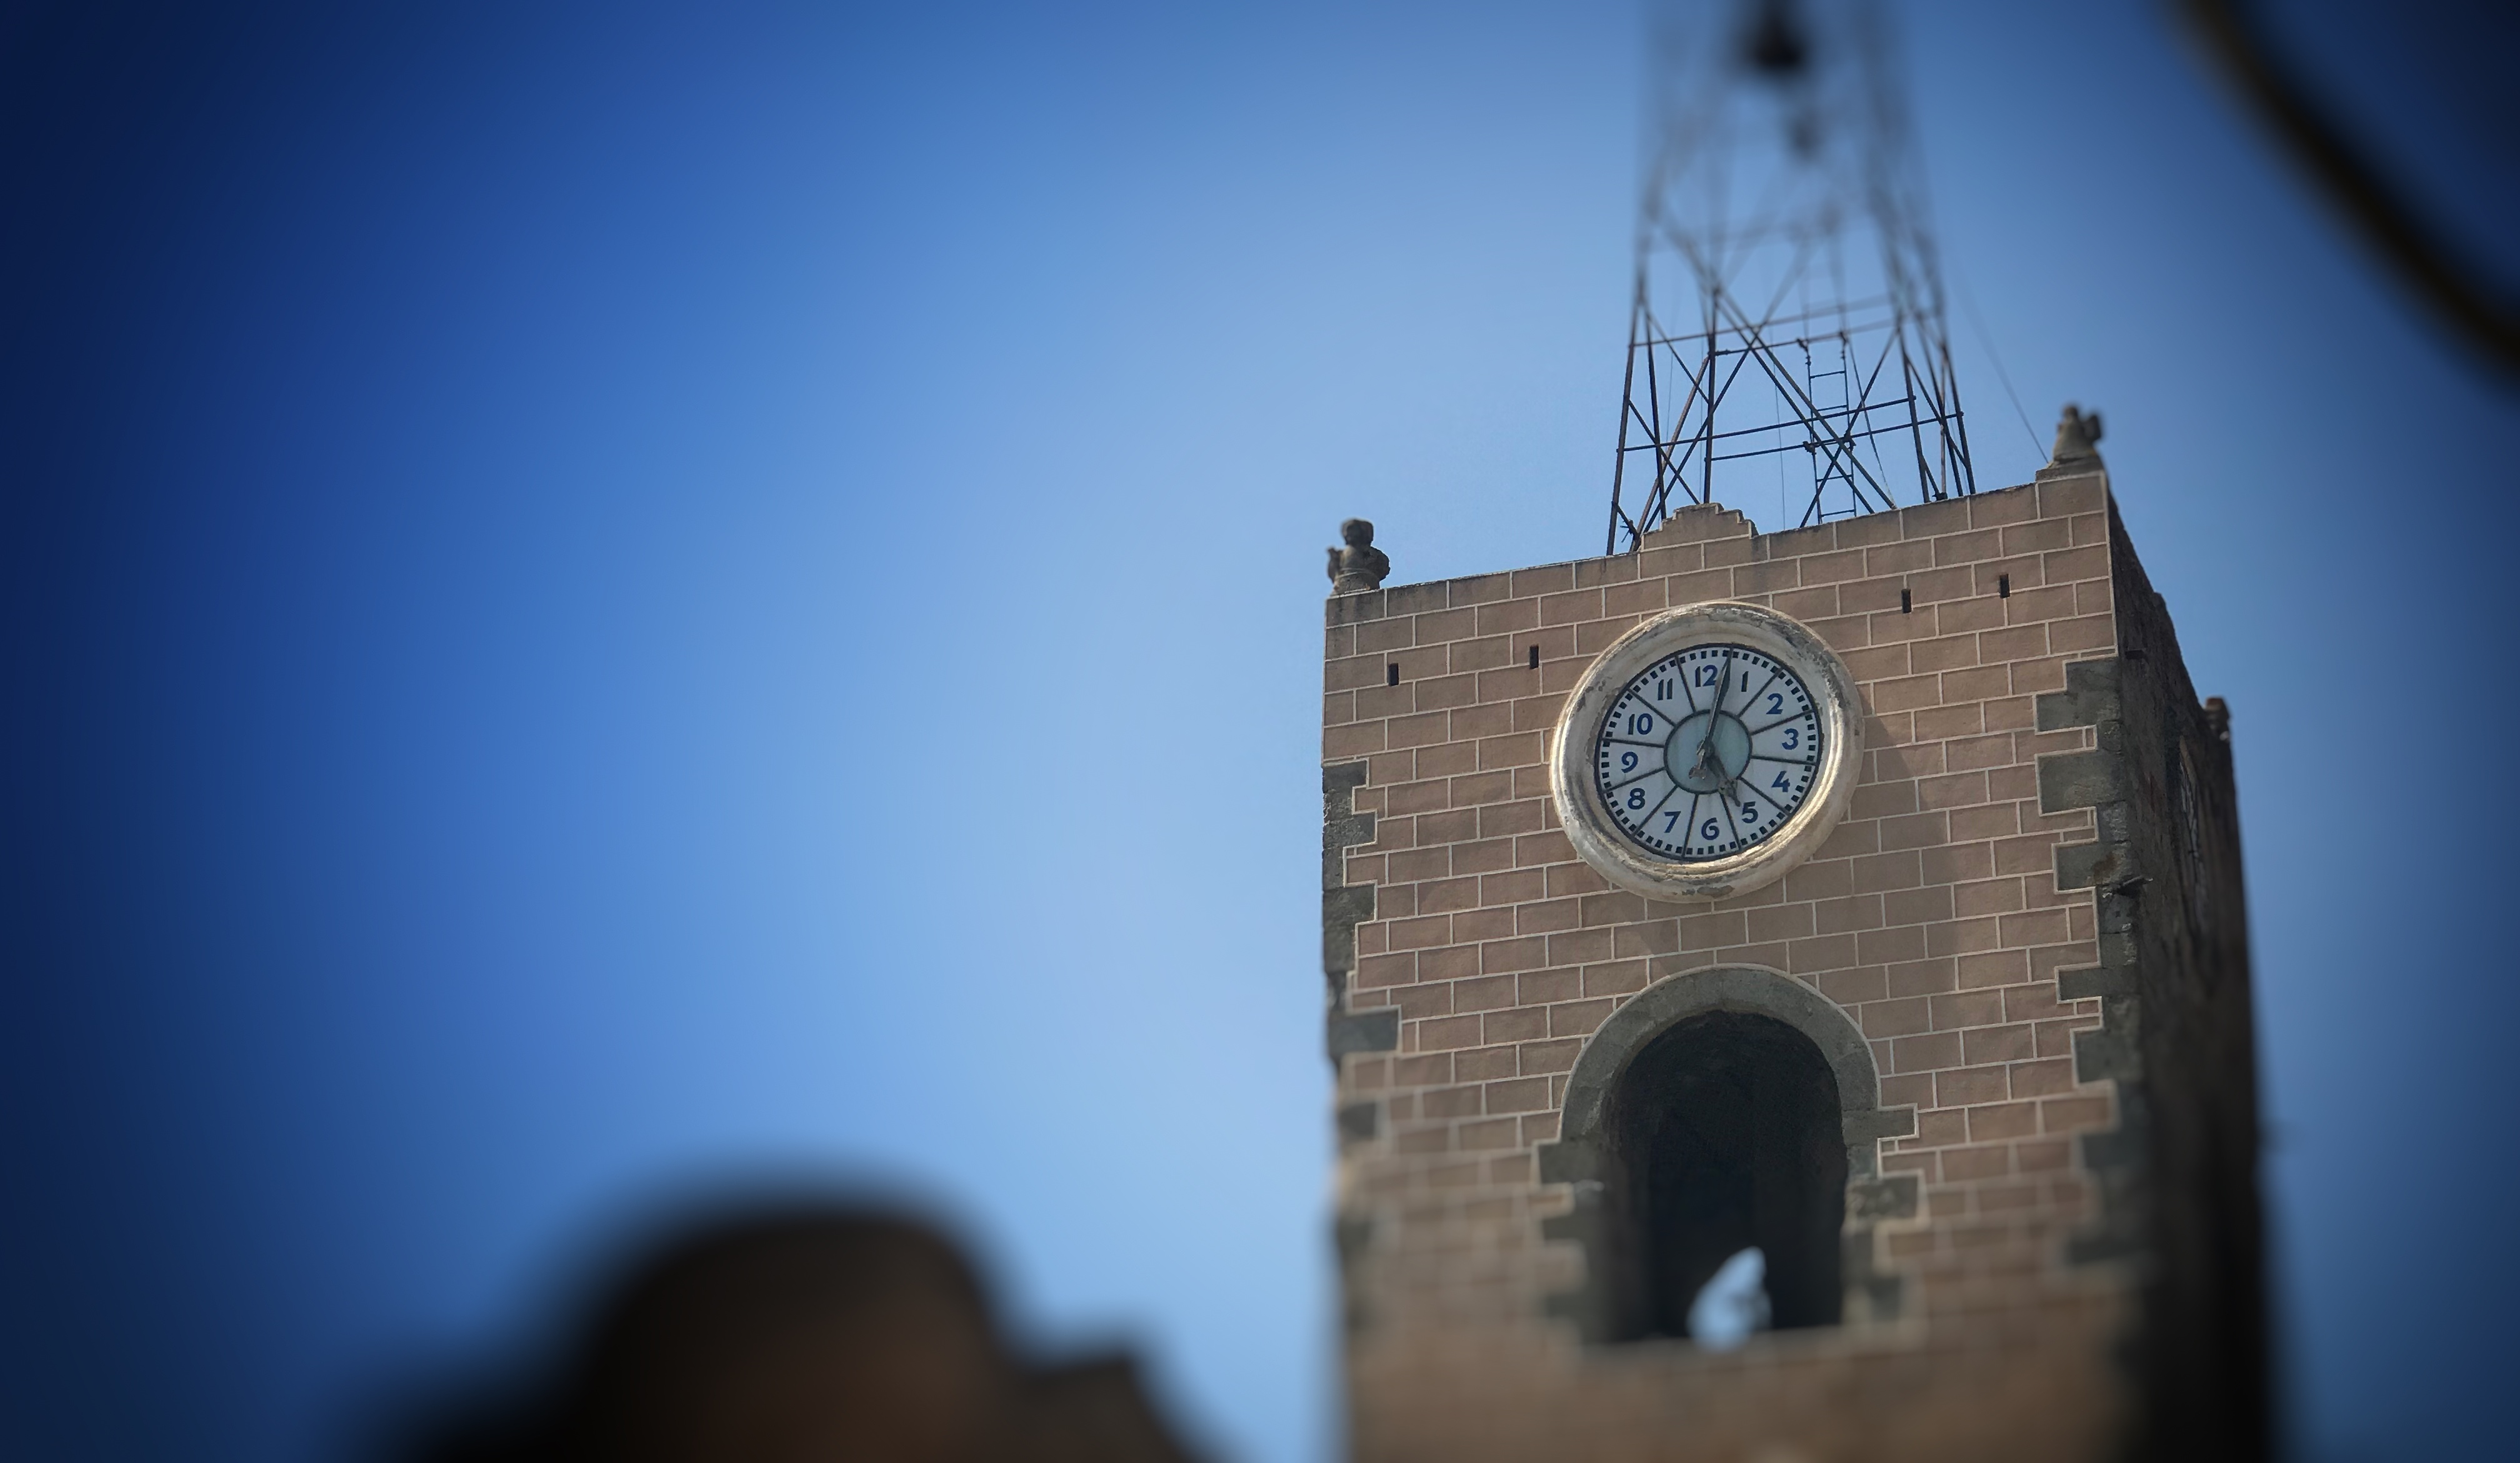 La missa en honor a Sant Martí es farà amb limitació d'assistència a l'església i serà retransmesa per la ràdio